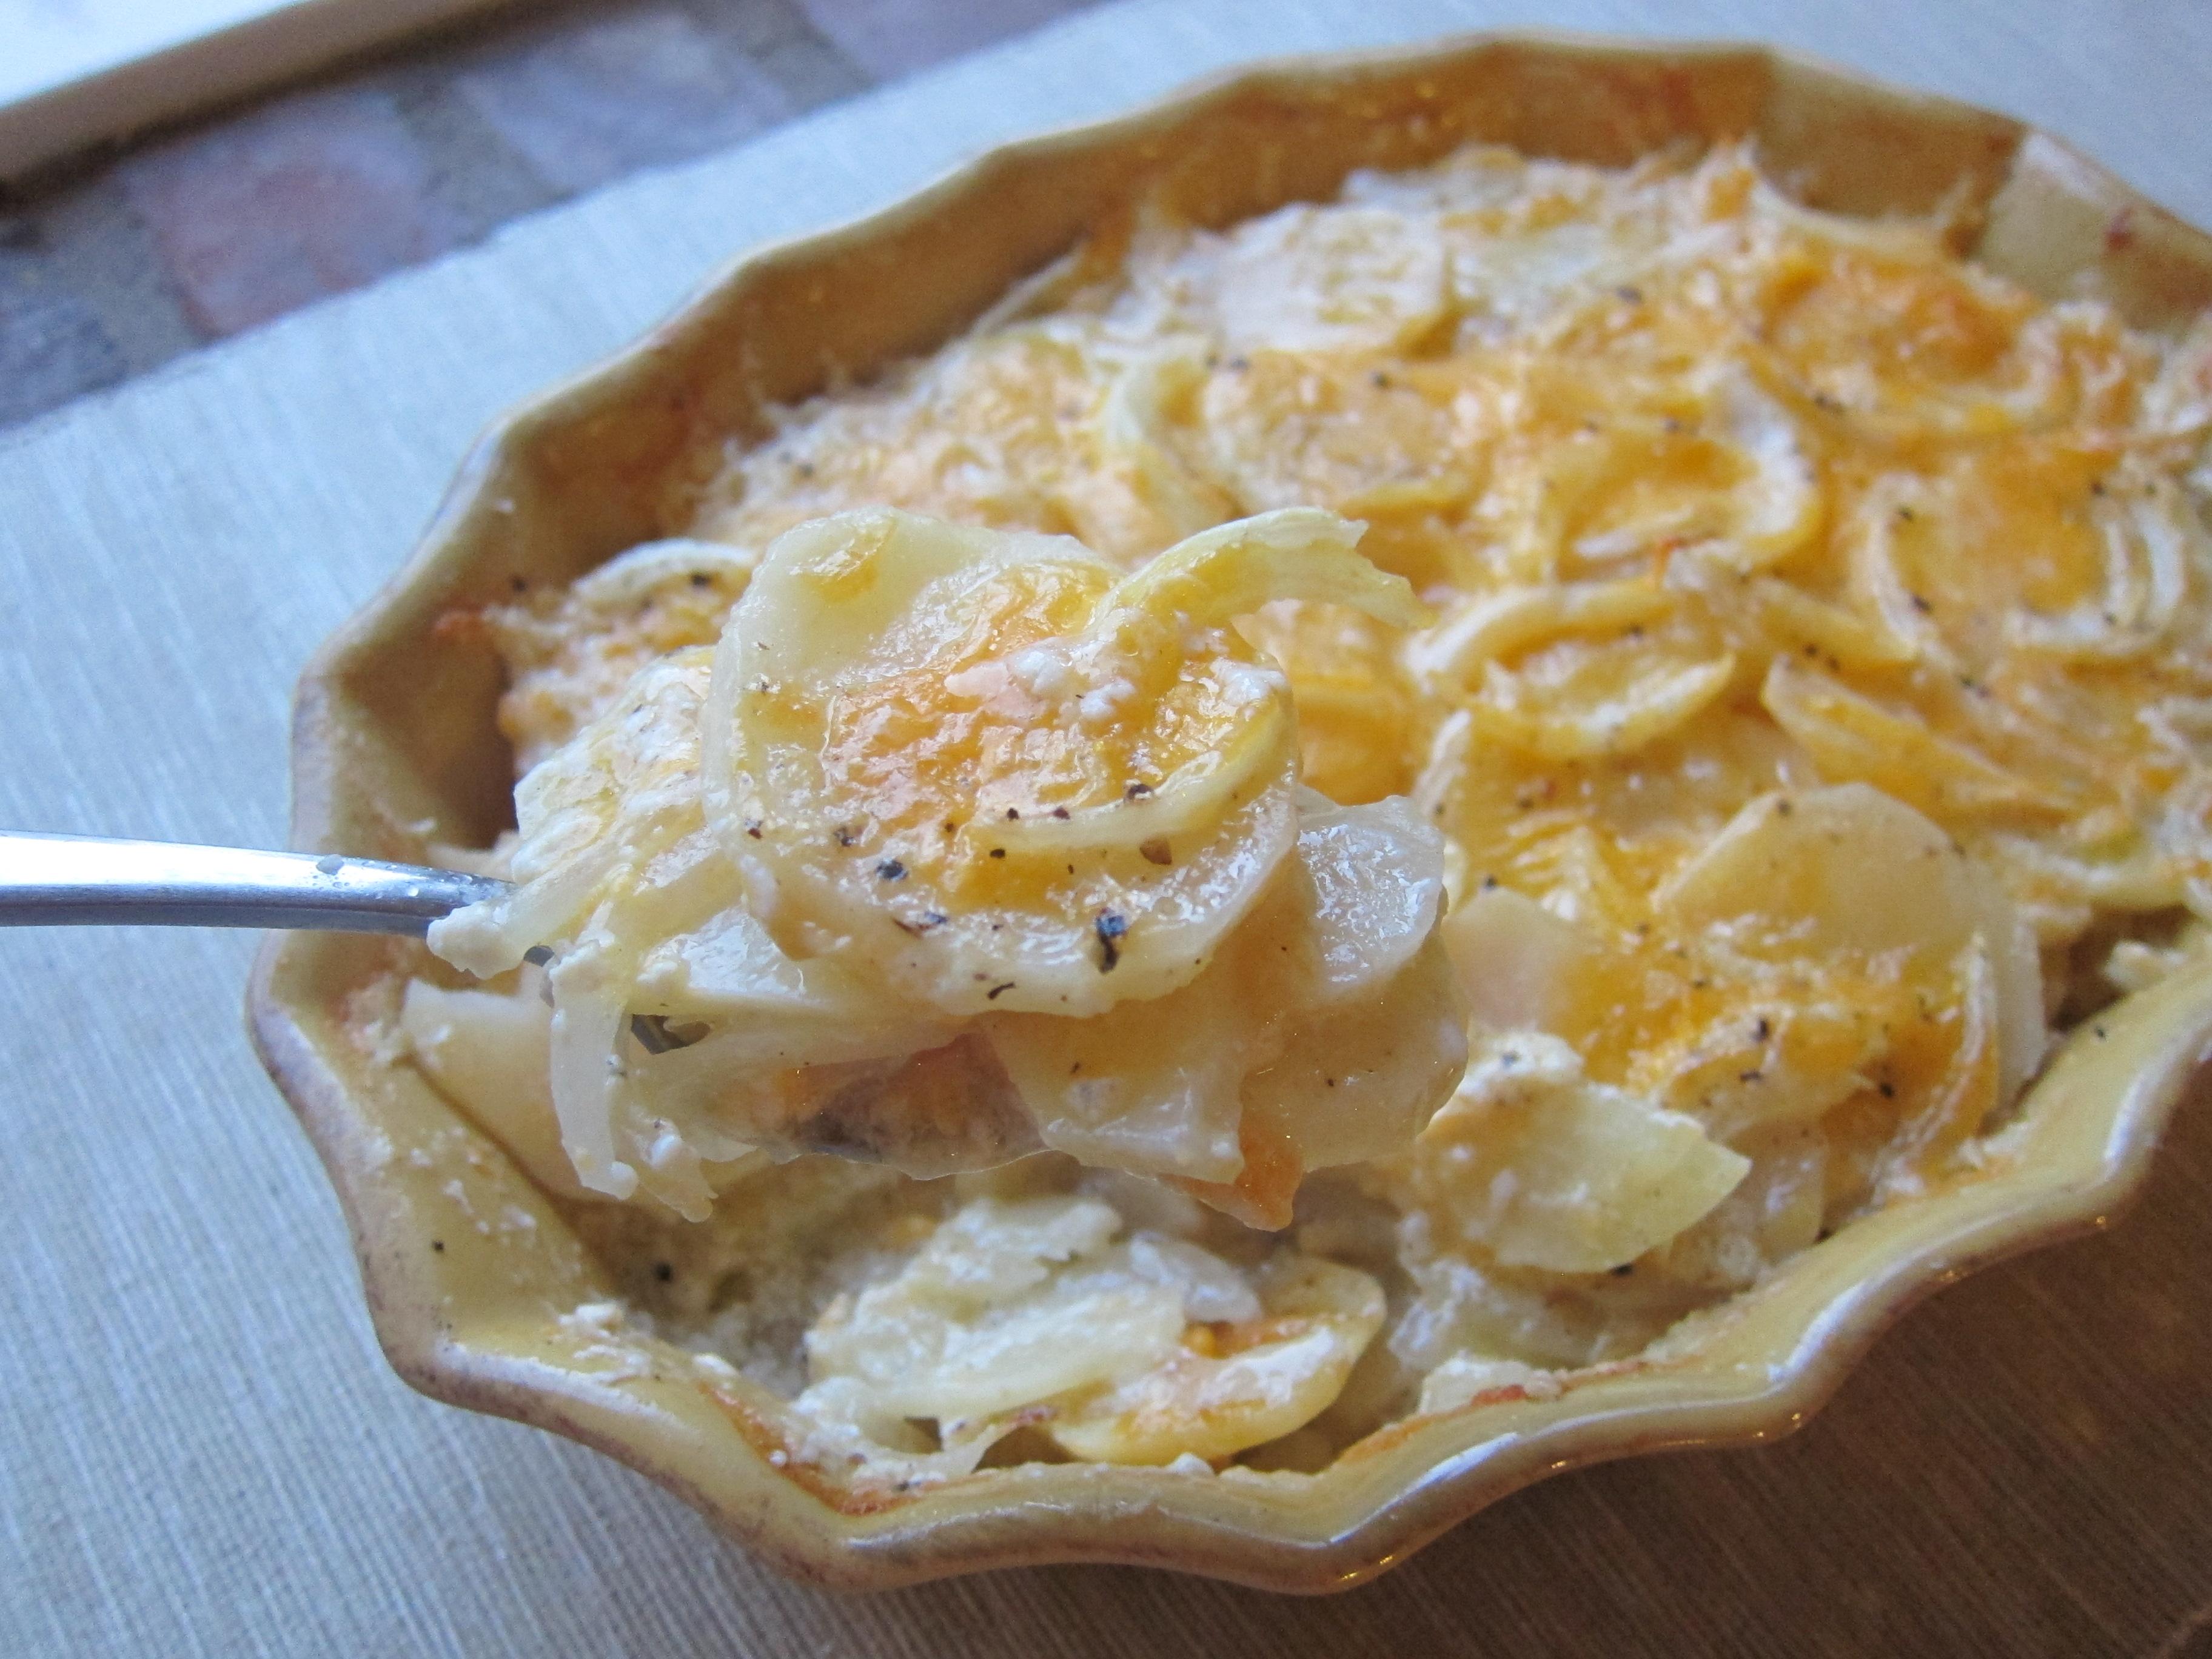 熱々ホクホクが美味しい♪ポテトグラタンのレシピをご紹介!のサムネイル画像